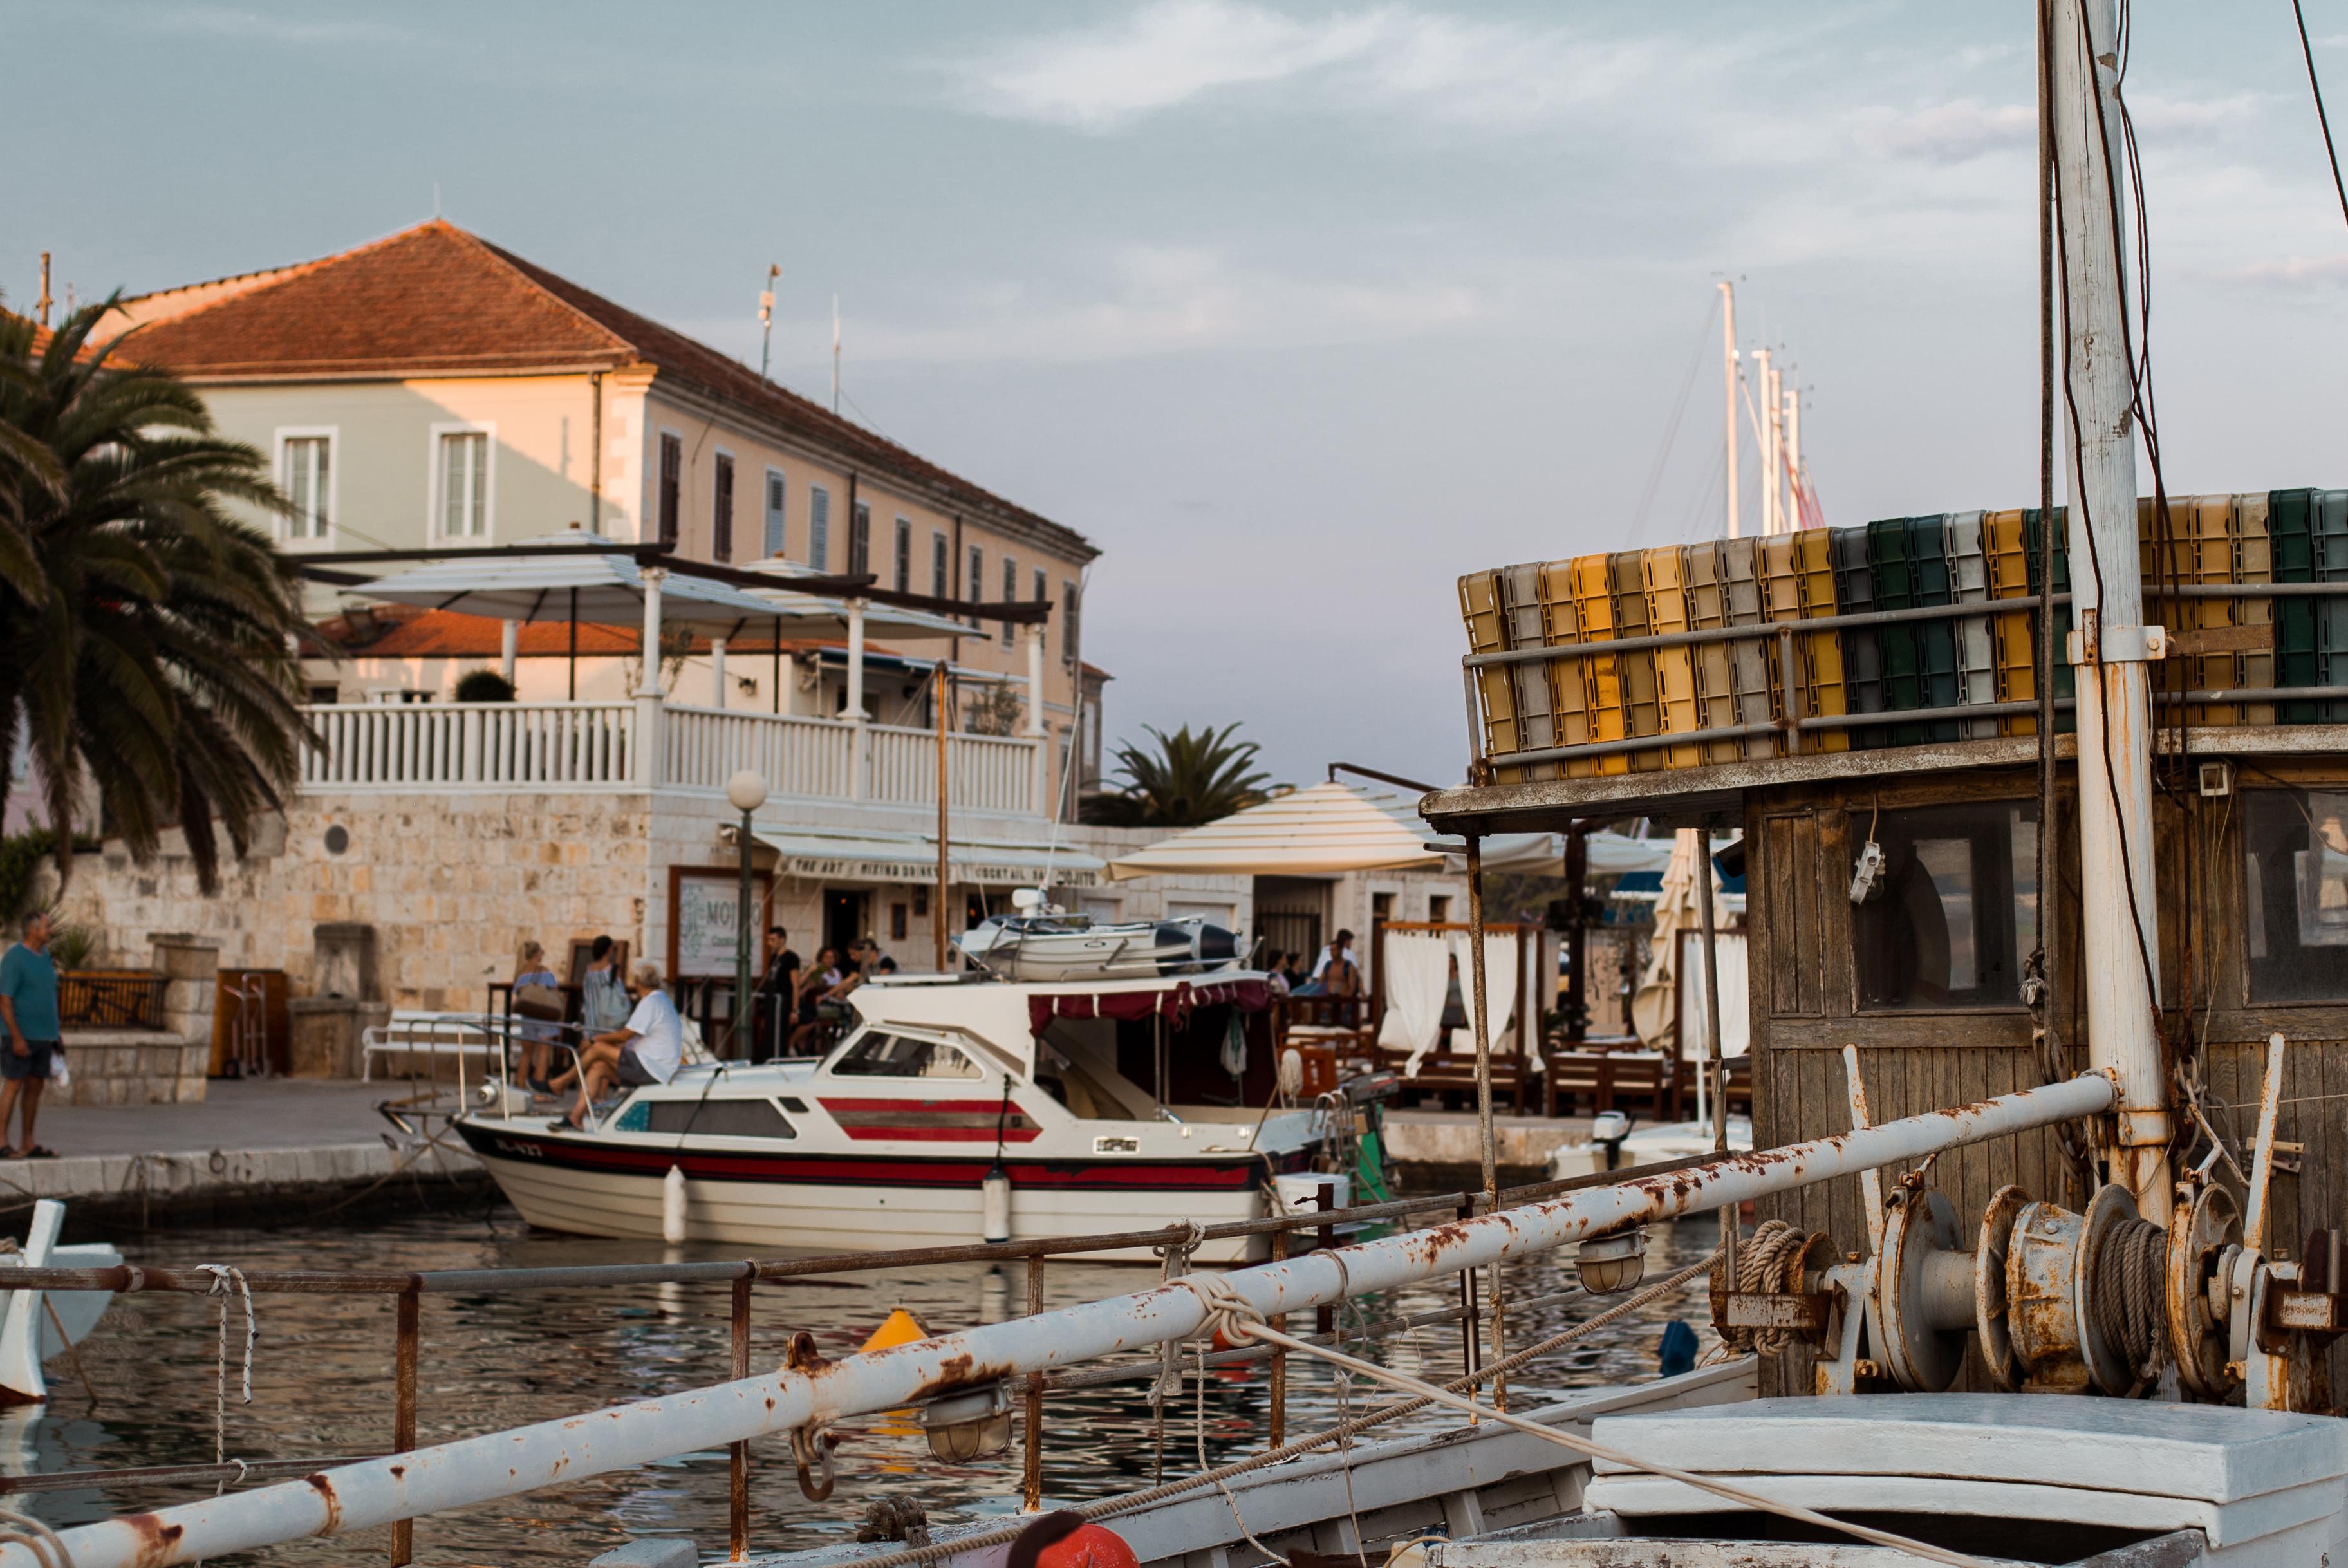 De plaats Jelsa op het eiland Hvar in Kroatië